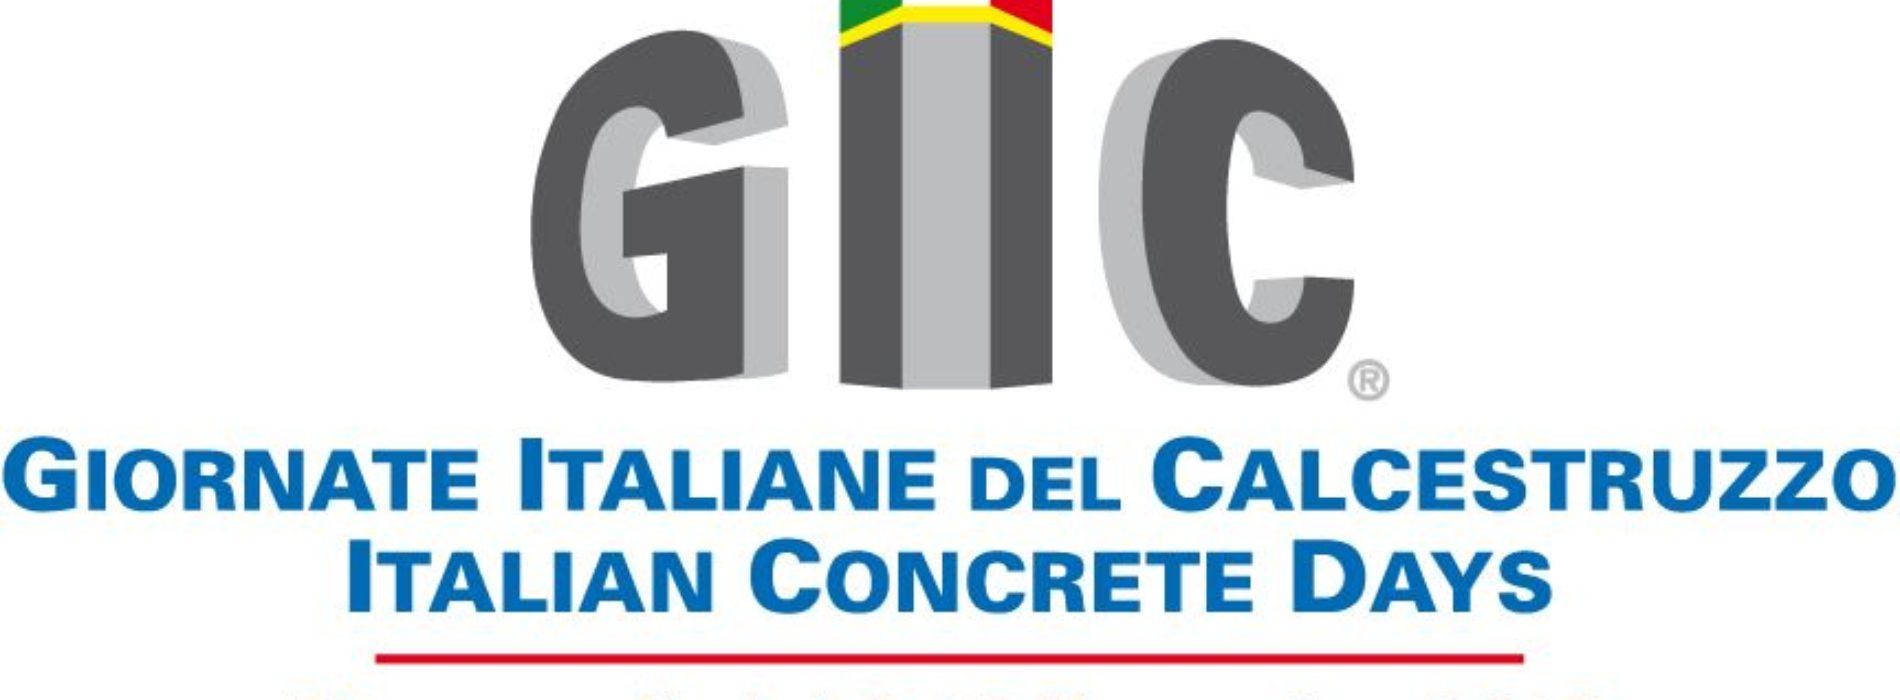 Giornate Italiane del Calcestruzzo